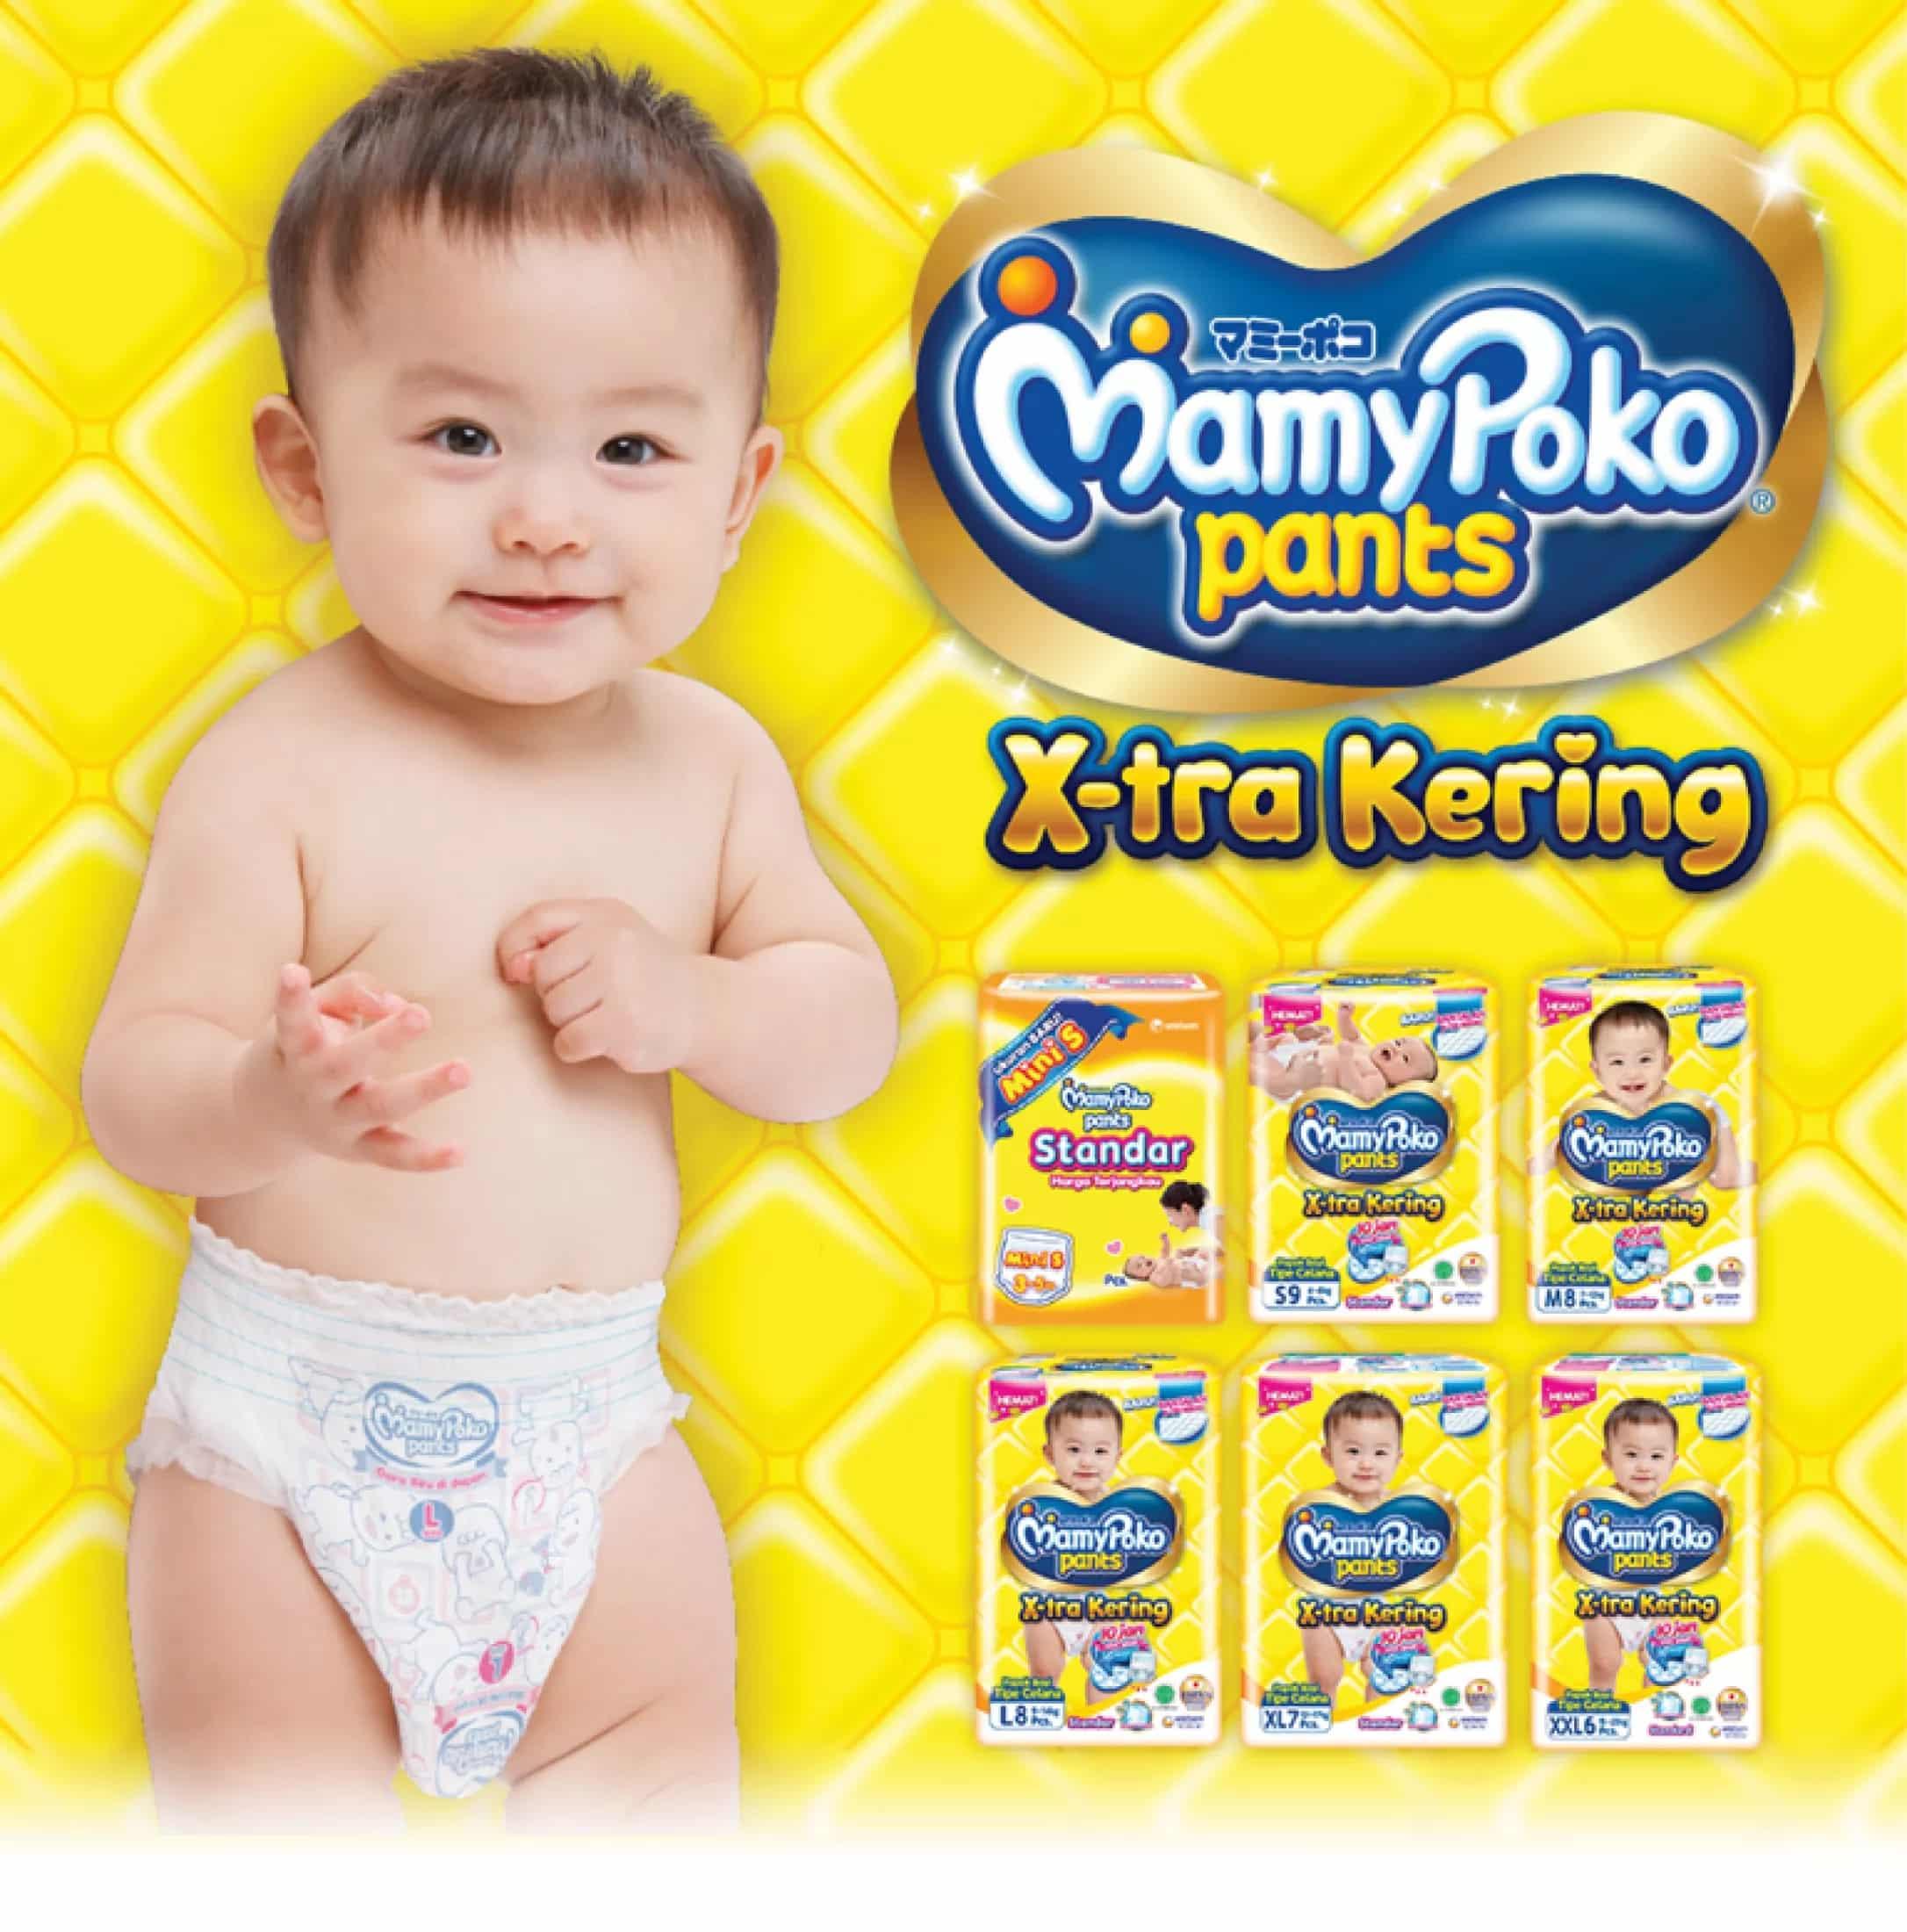 Mamypoko-Pants-X-tra-Kering